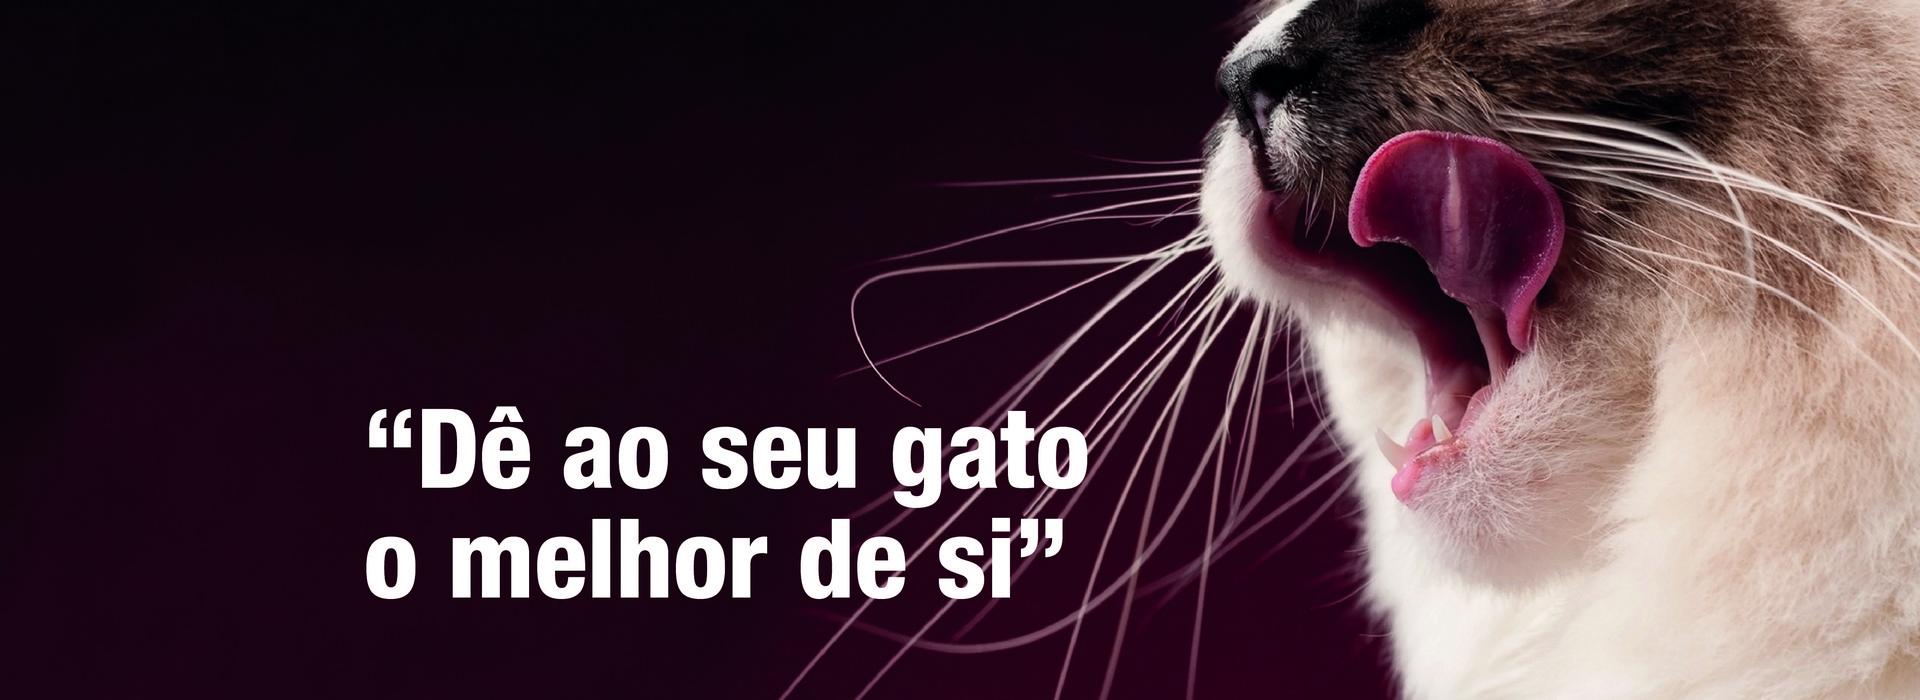 banner_gatos_F